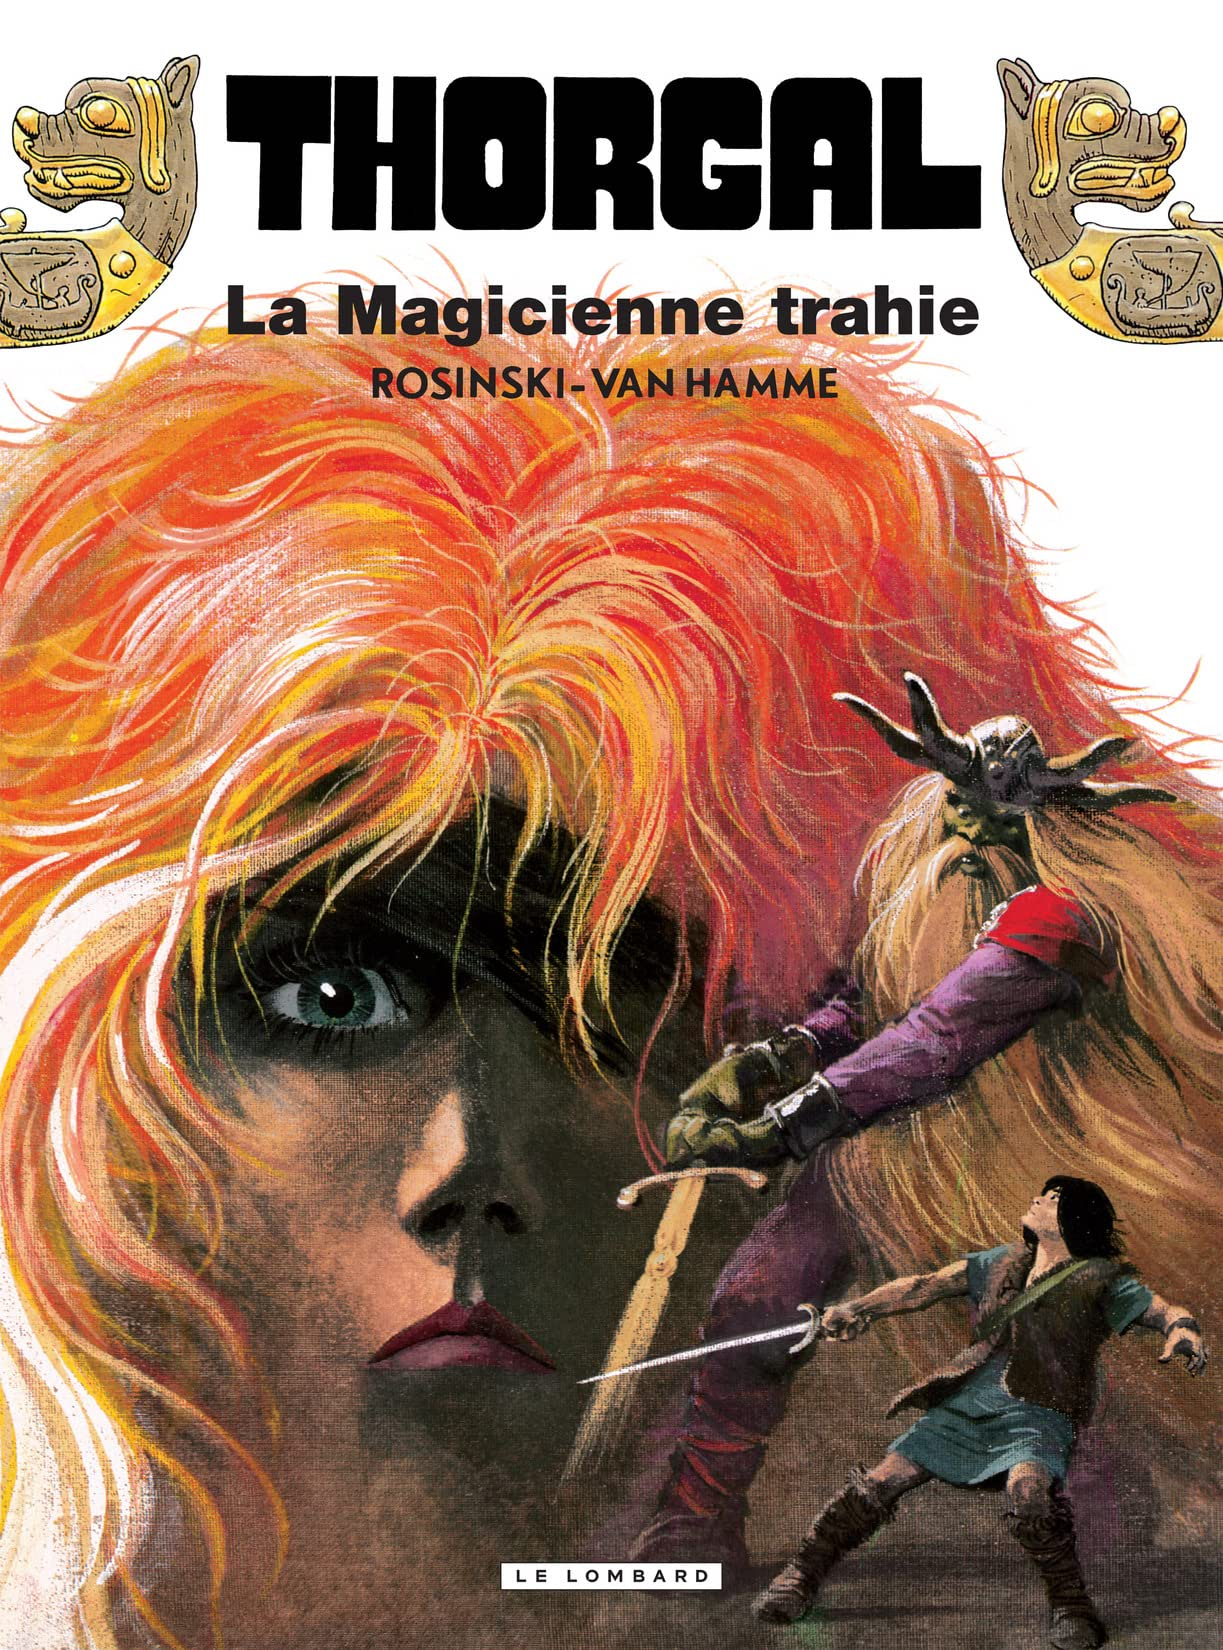 Thorgal Vol. 1: La magicienne trahie